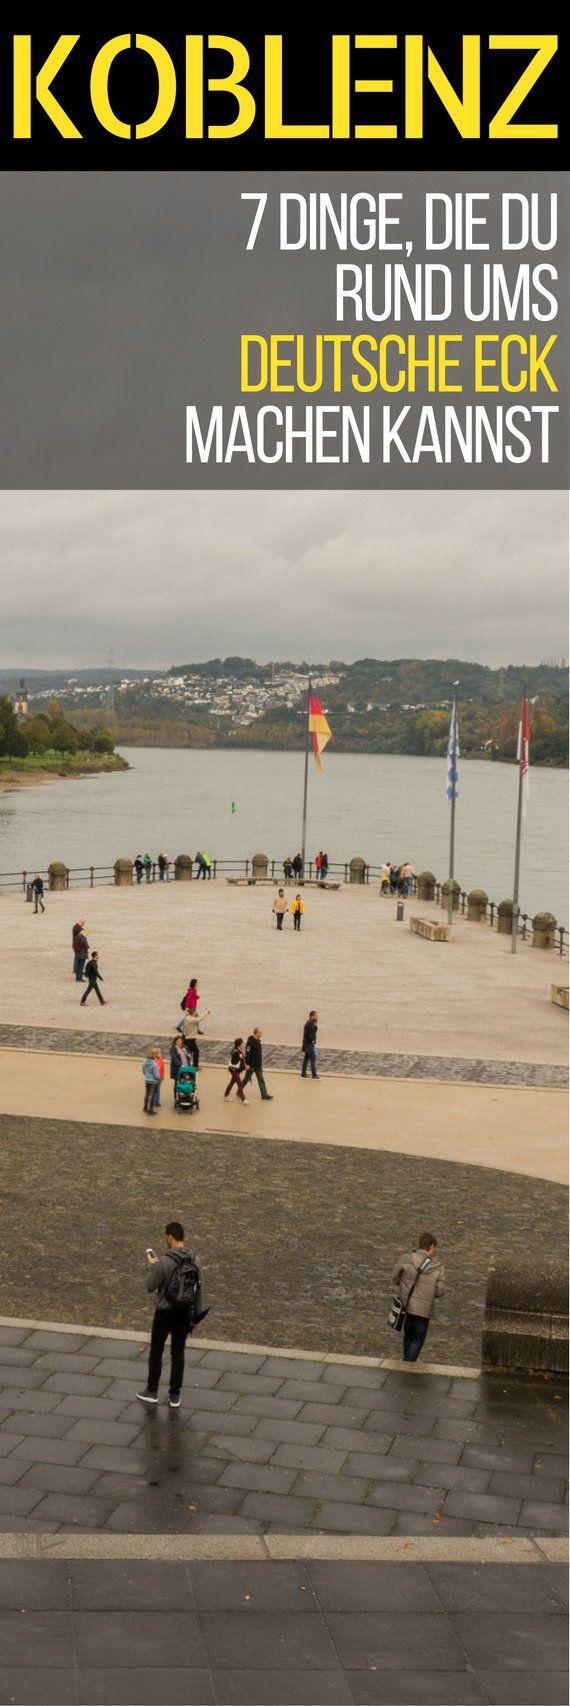 Kurztrip Koblenz: 7 Dinge, die du rund ums Deutsche Eck machen kannst